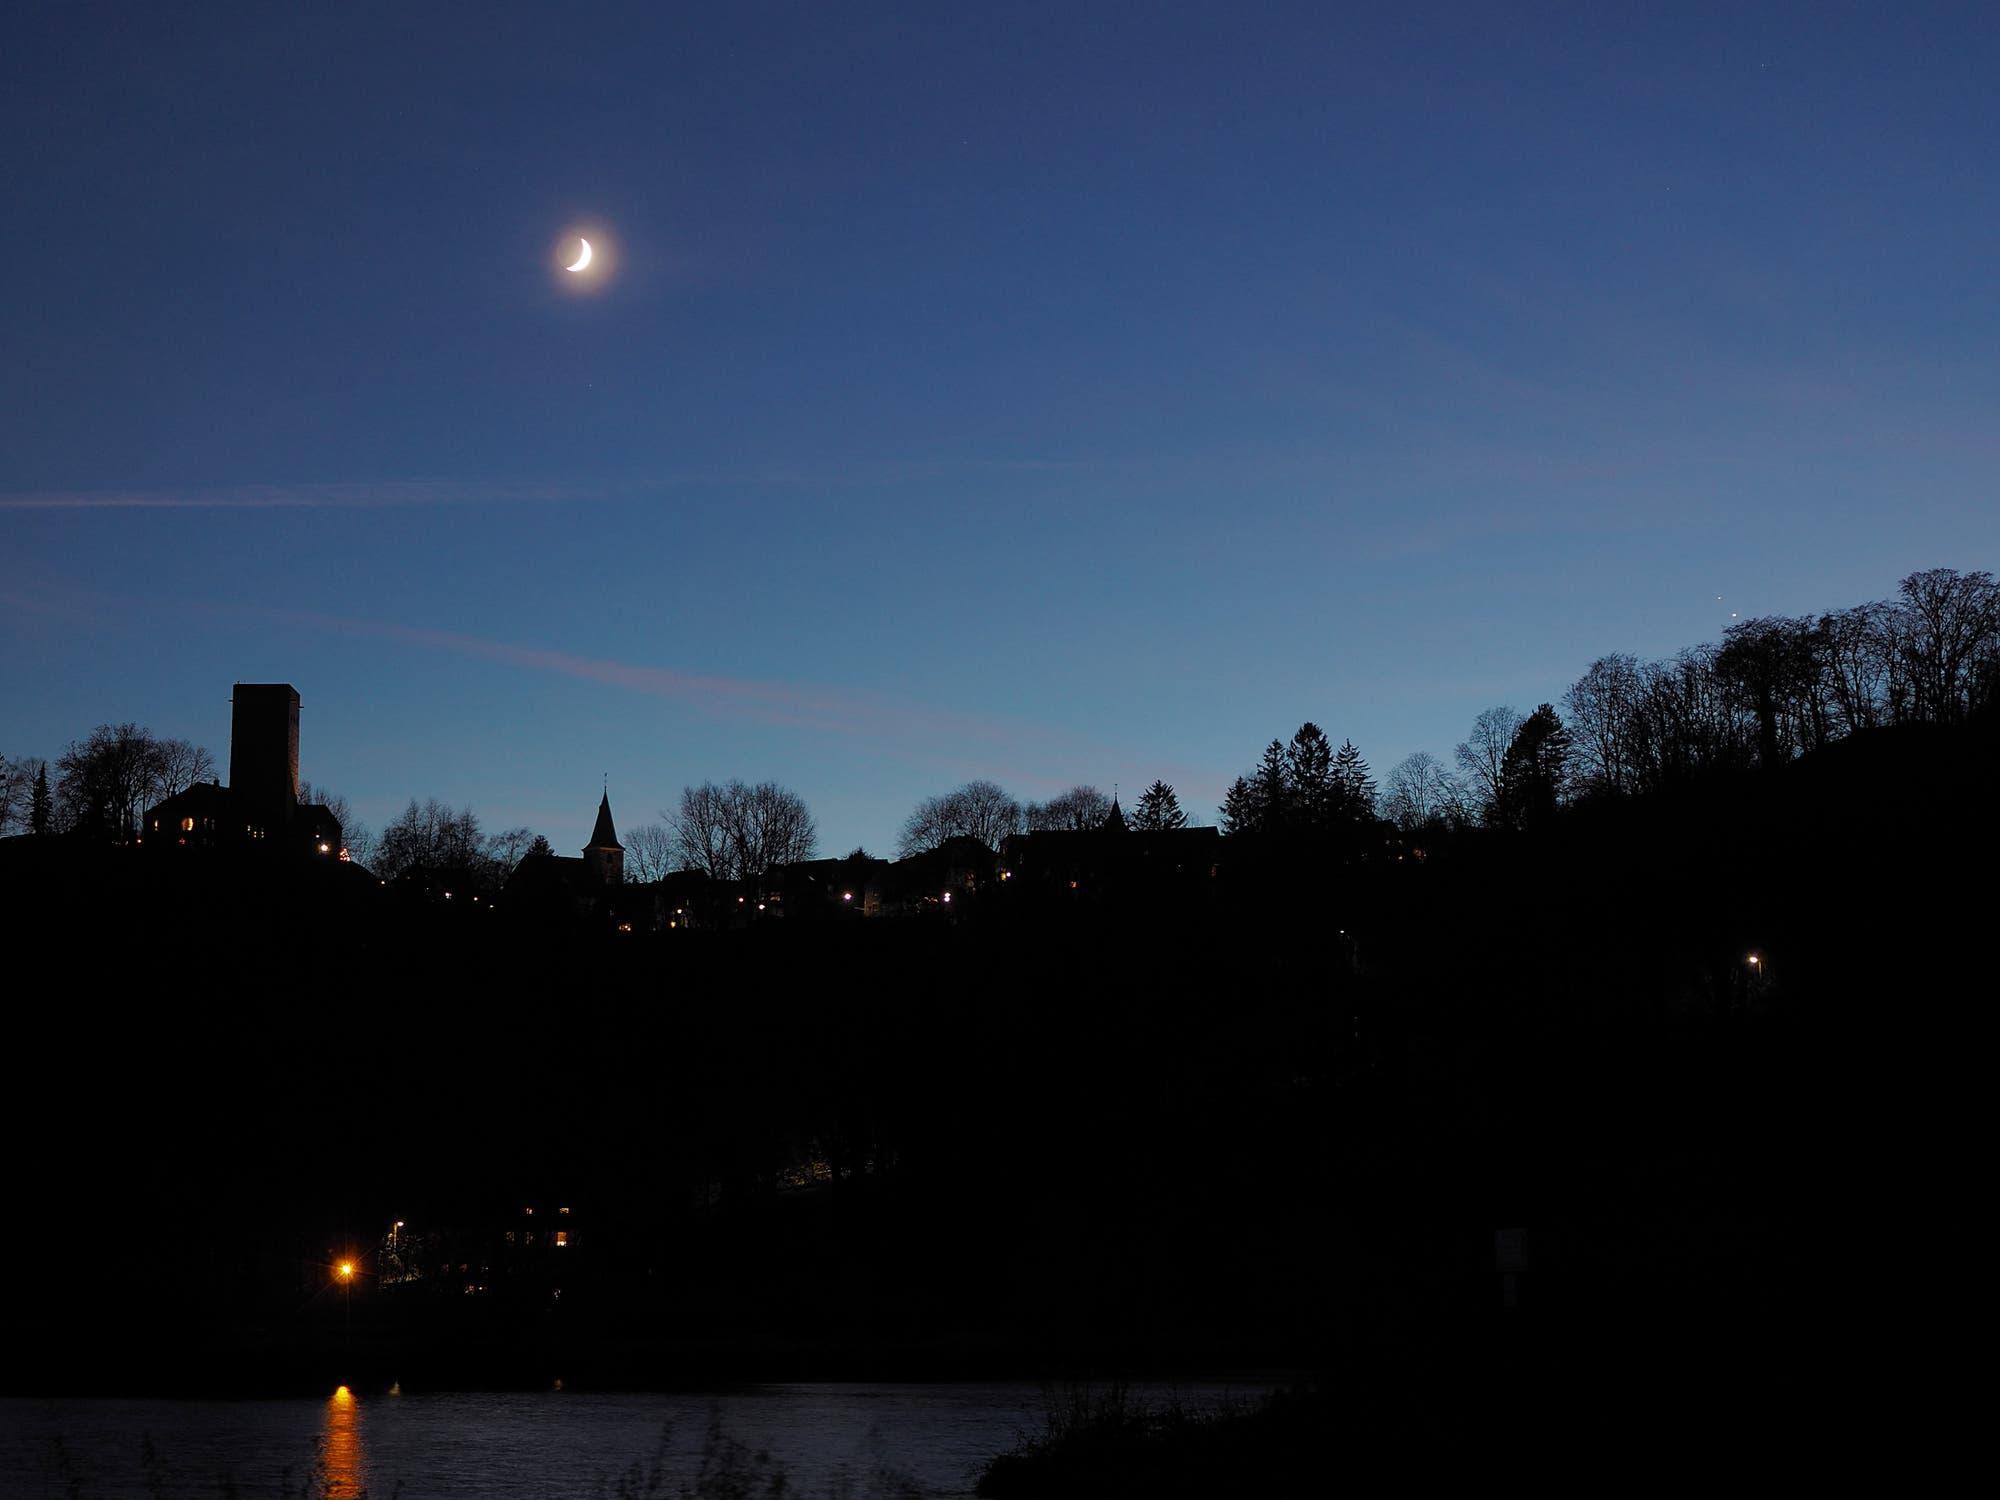 Jupiter und Saturn treffen die Mondsichel